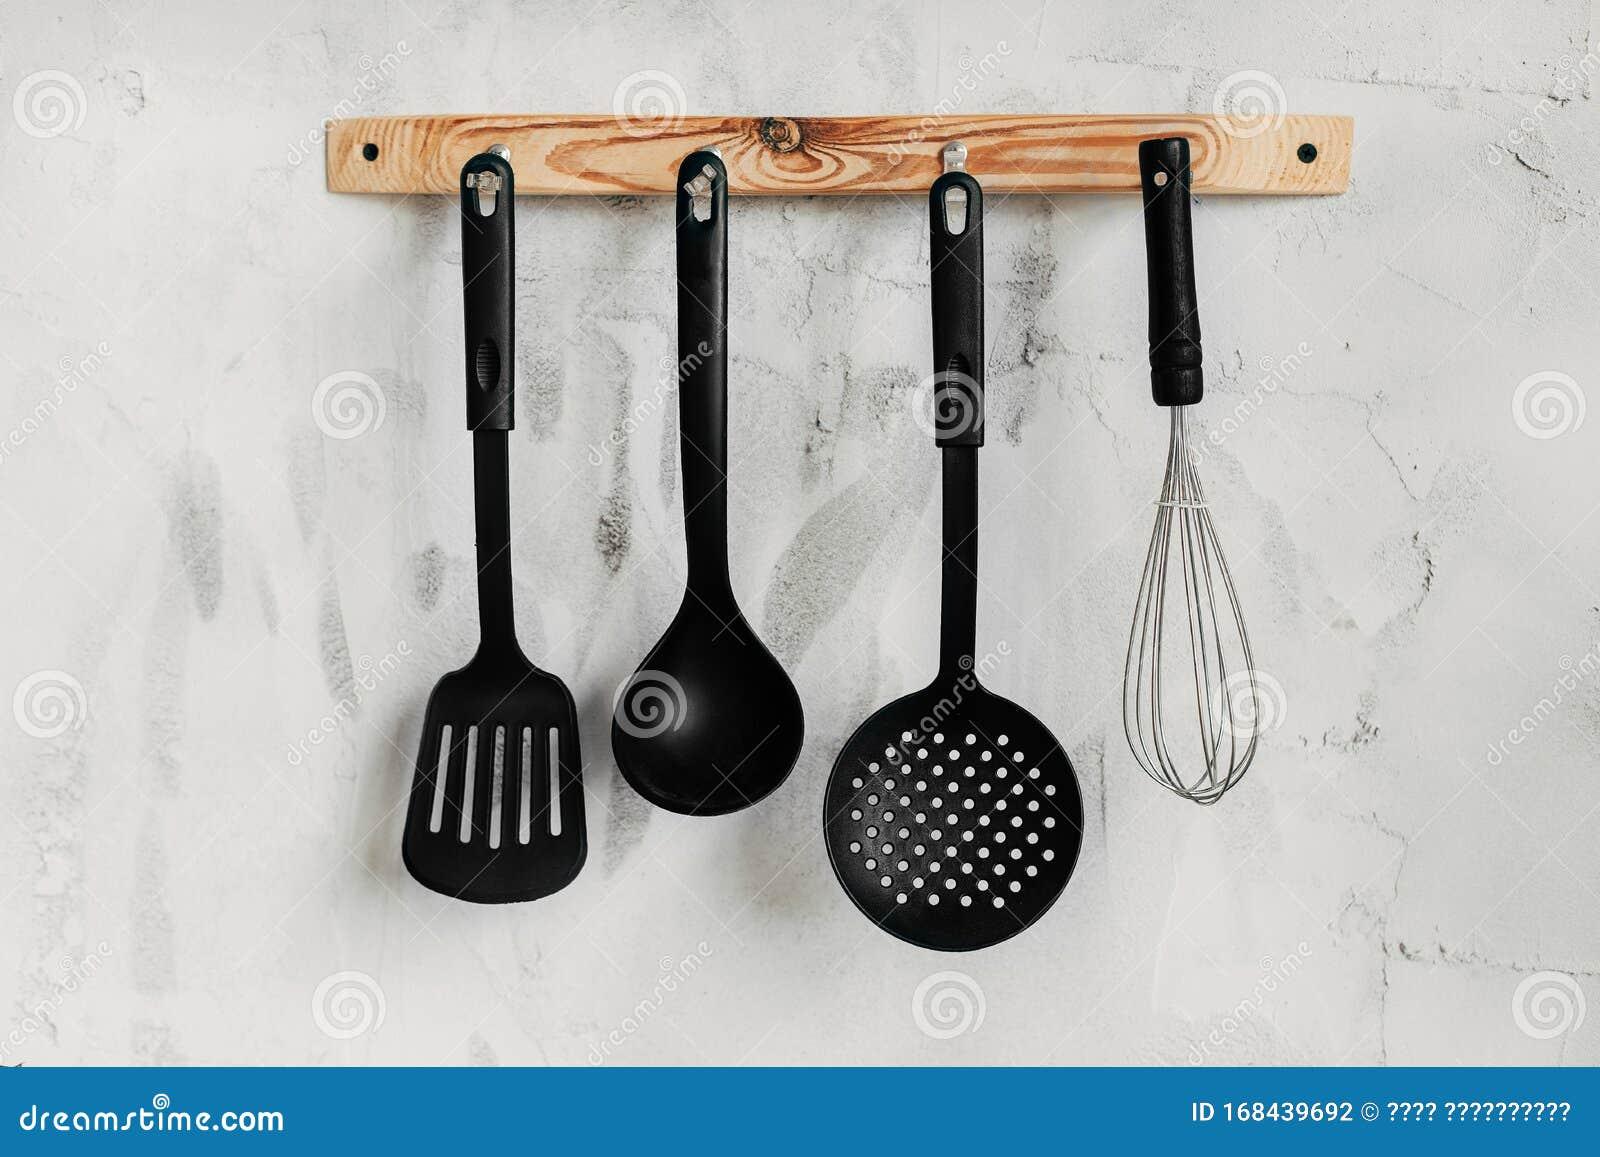 Stylish Kitchen Spatula